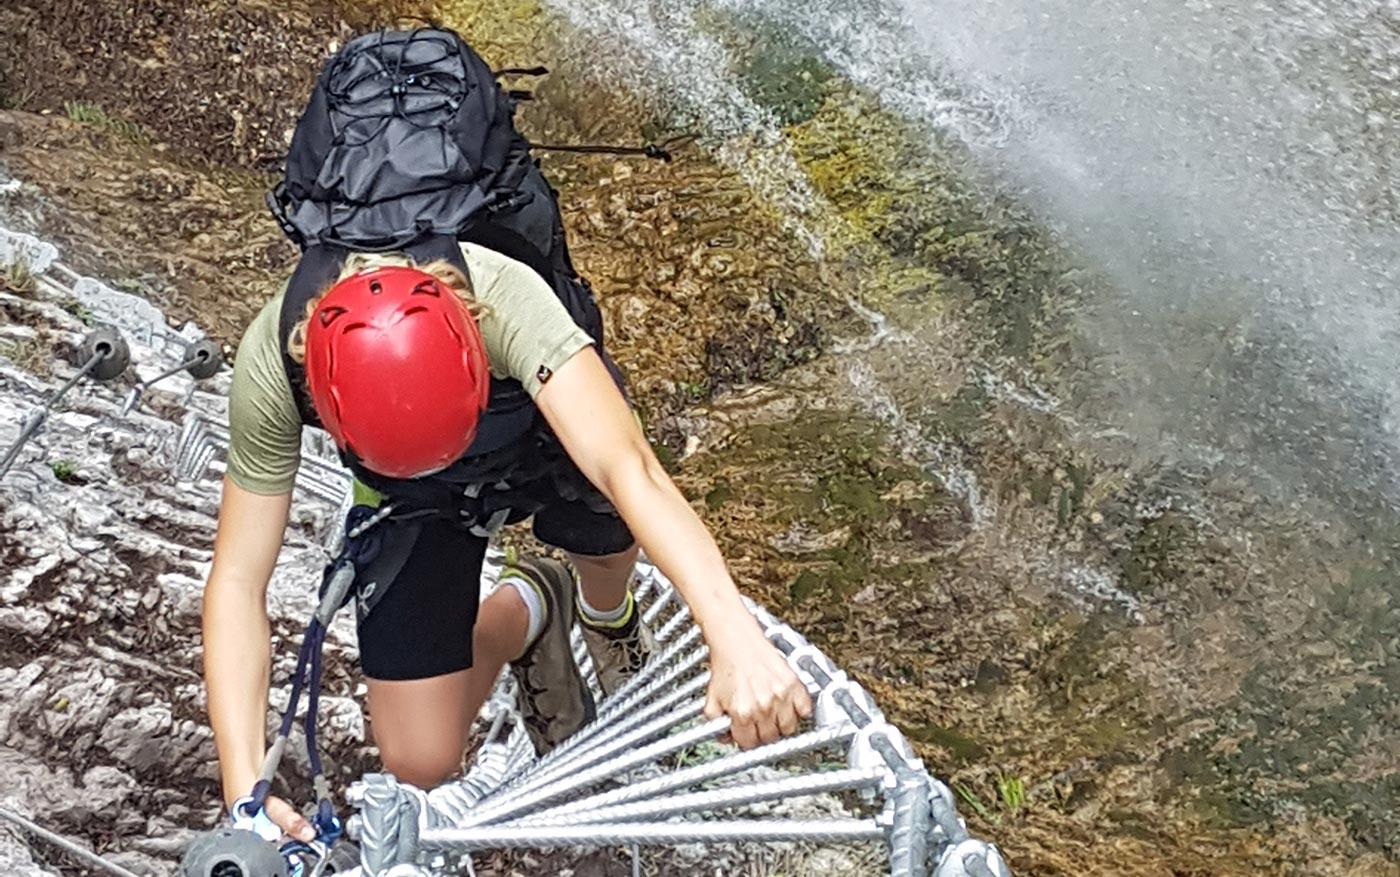 Salita verticale sulla Via ferrata Ballino Rio Ruzza